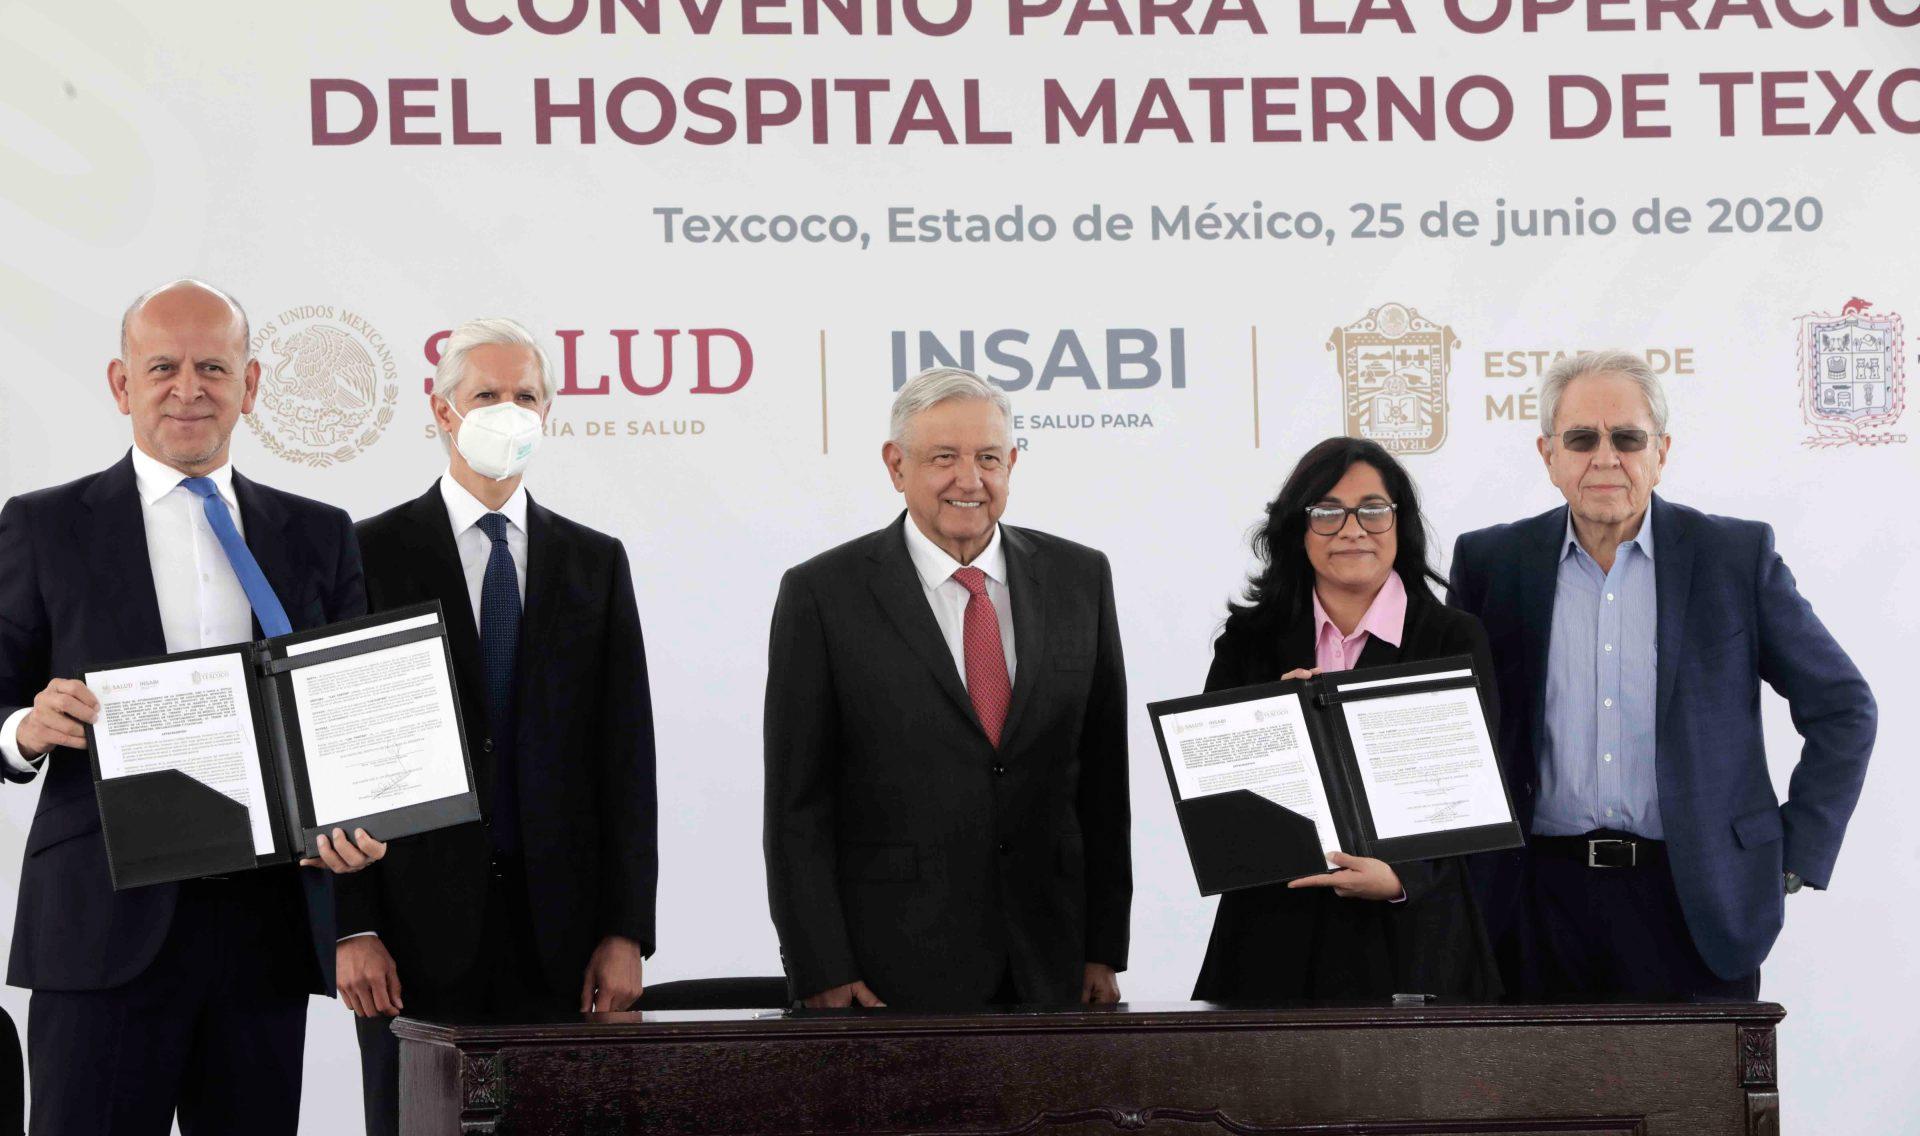 TEXCOCO, ESTADO DE MÉXICO, 25JUNIO2020.- Andrés Manuel López Obrador, Presidente de México en la firma del Convenio para la operación del Hospital Materno de Texcoco. FOTO: PRESIDENCIA/CUARTOSCURO.COM